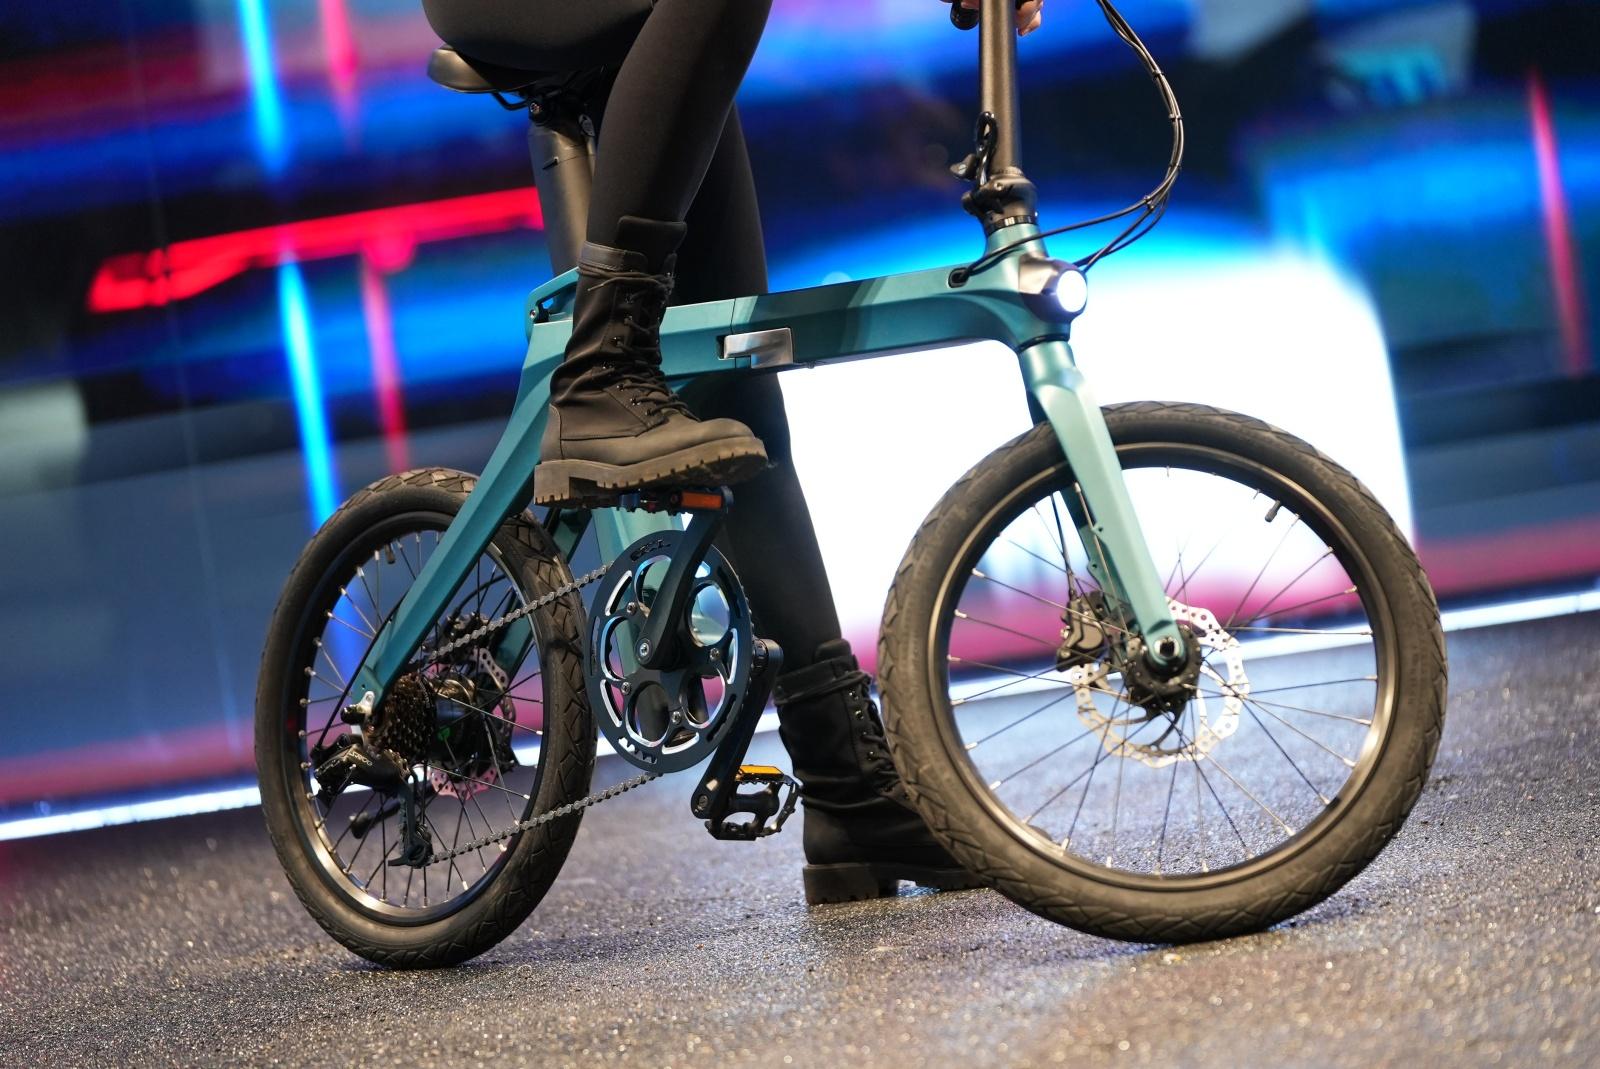 Fiido X, presto su Indiegogo, ridefinisce l'estetica delle bici elettriche 1